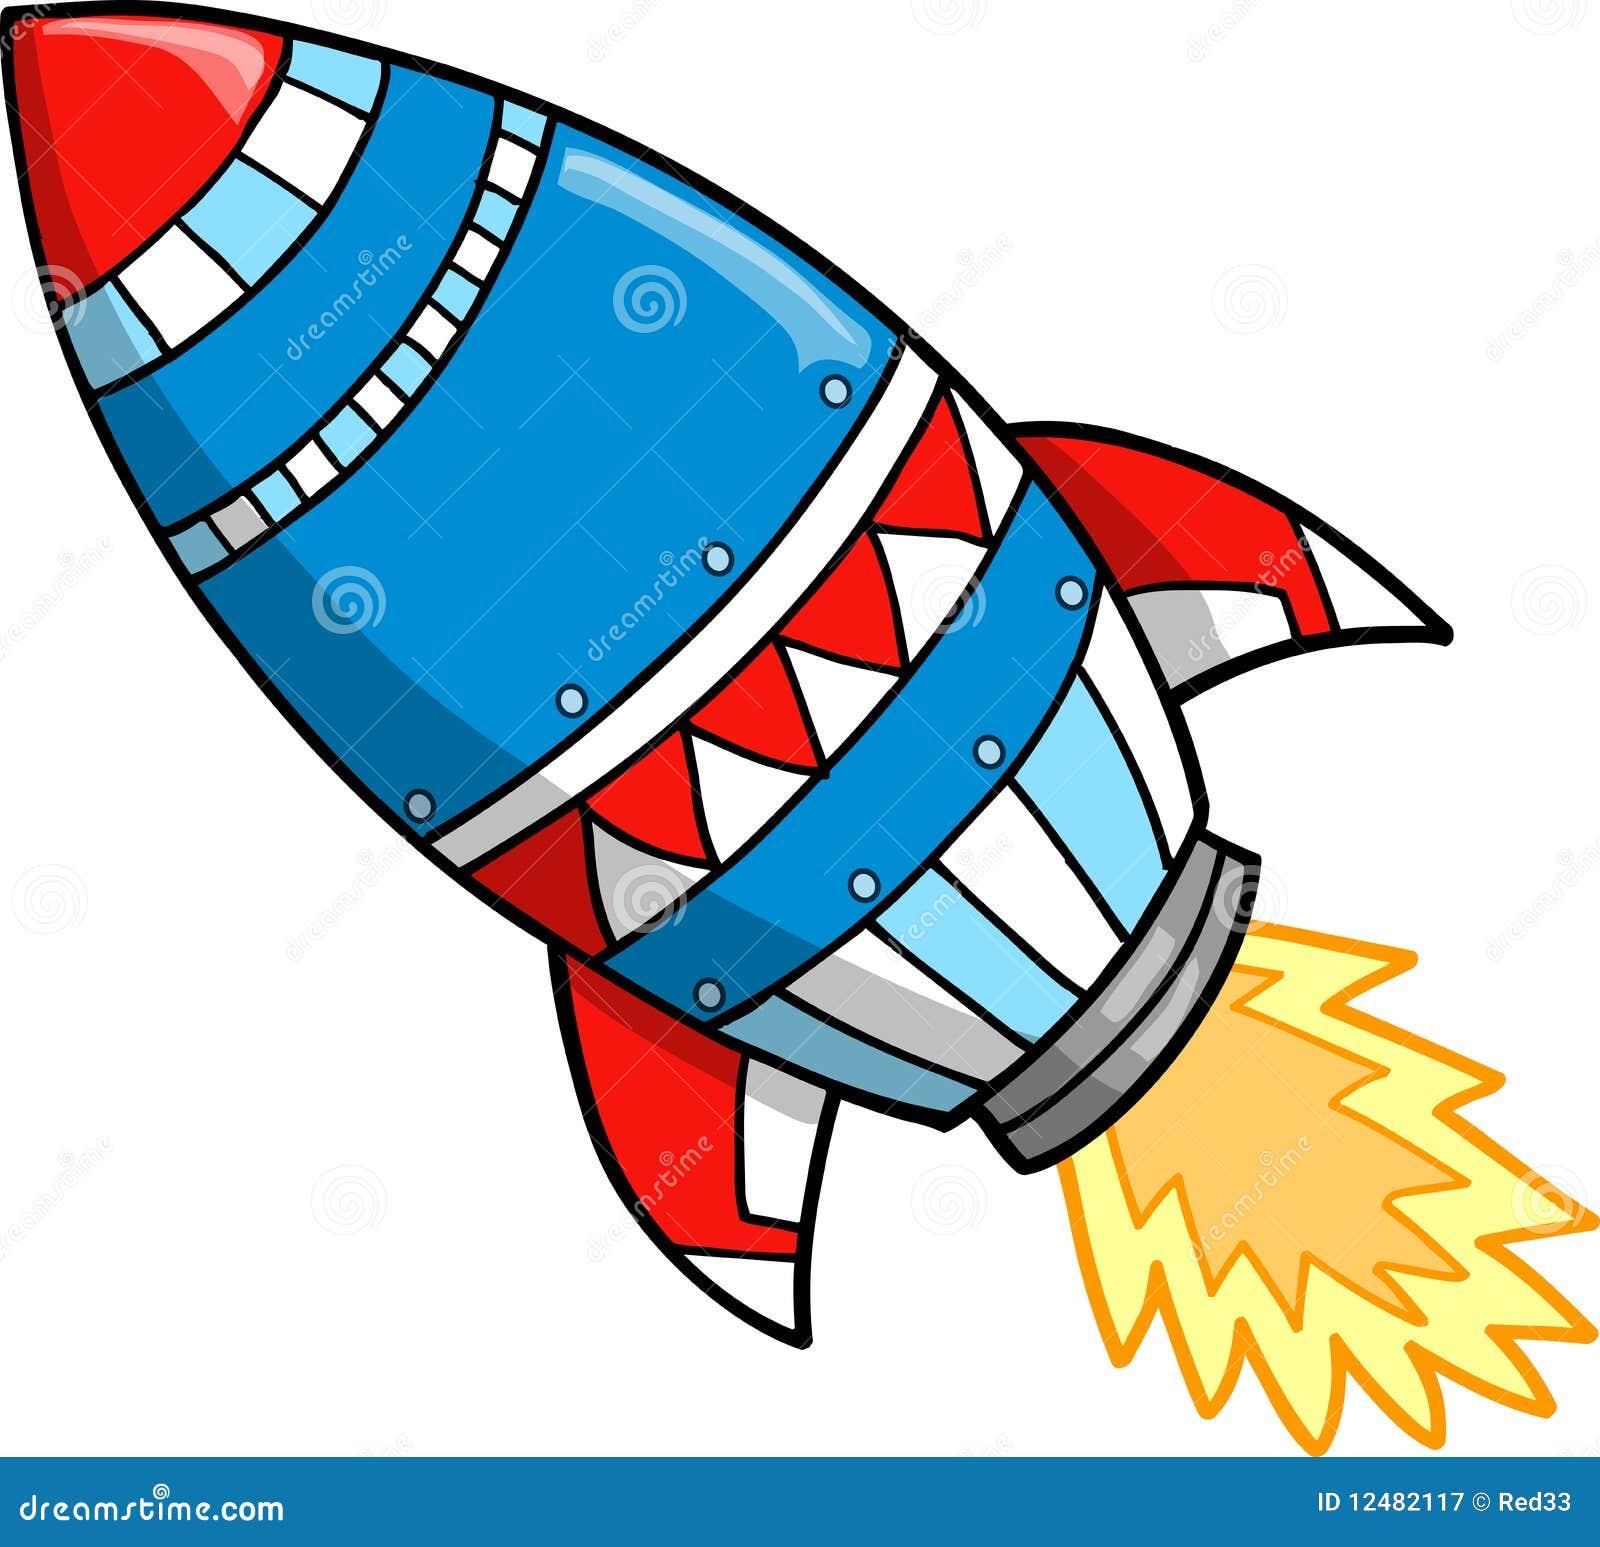 space rocket clip art - photo #39